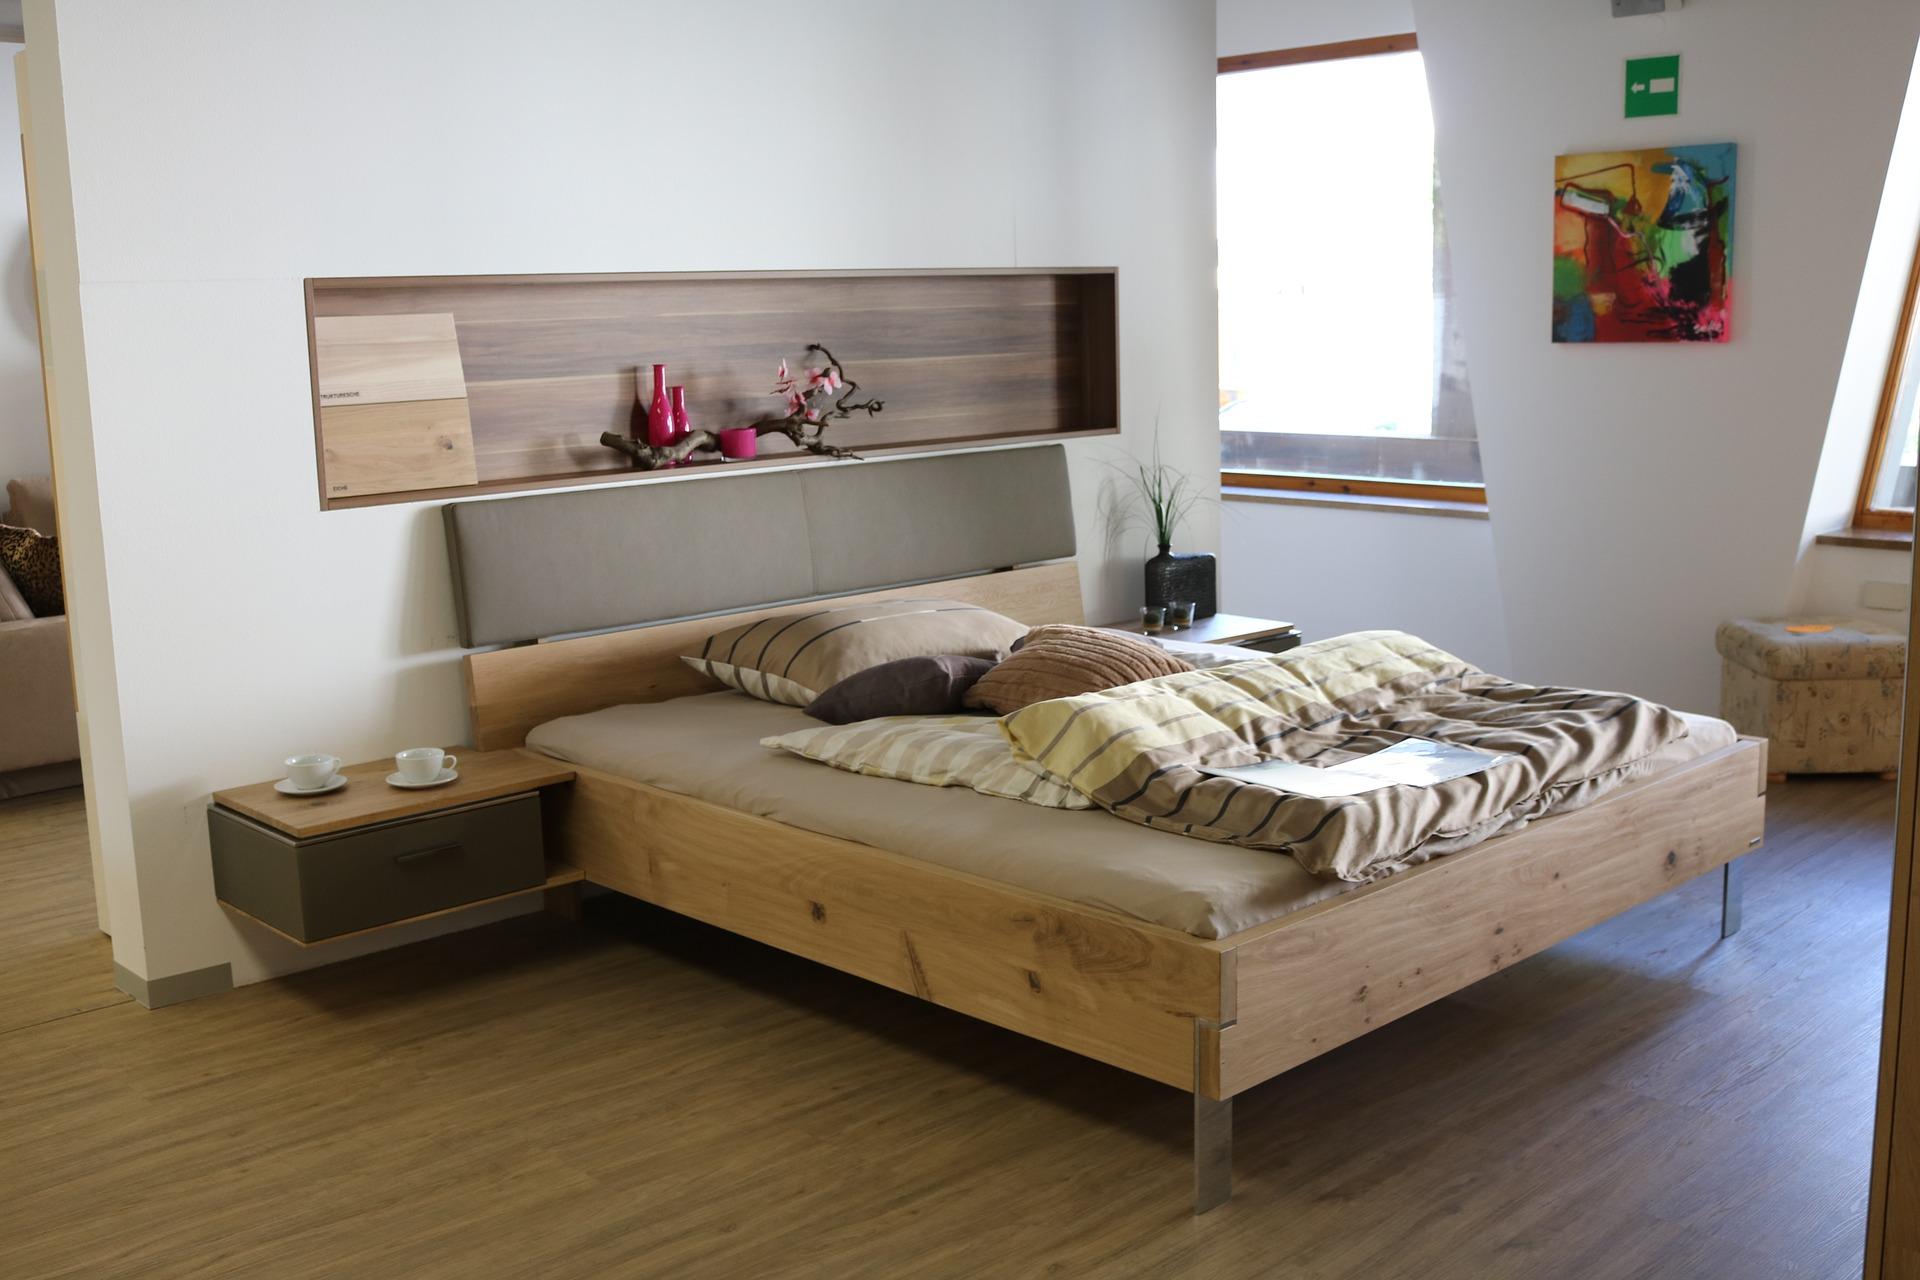 cama en el medio